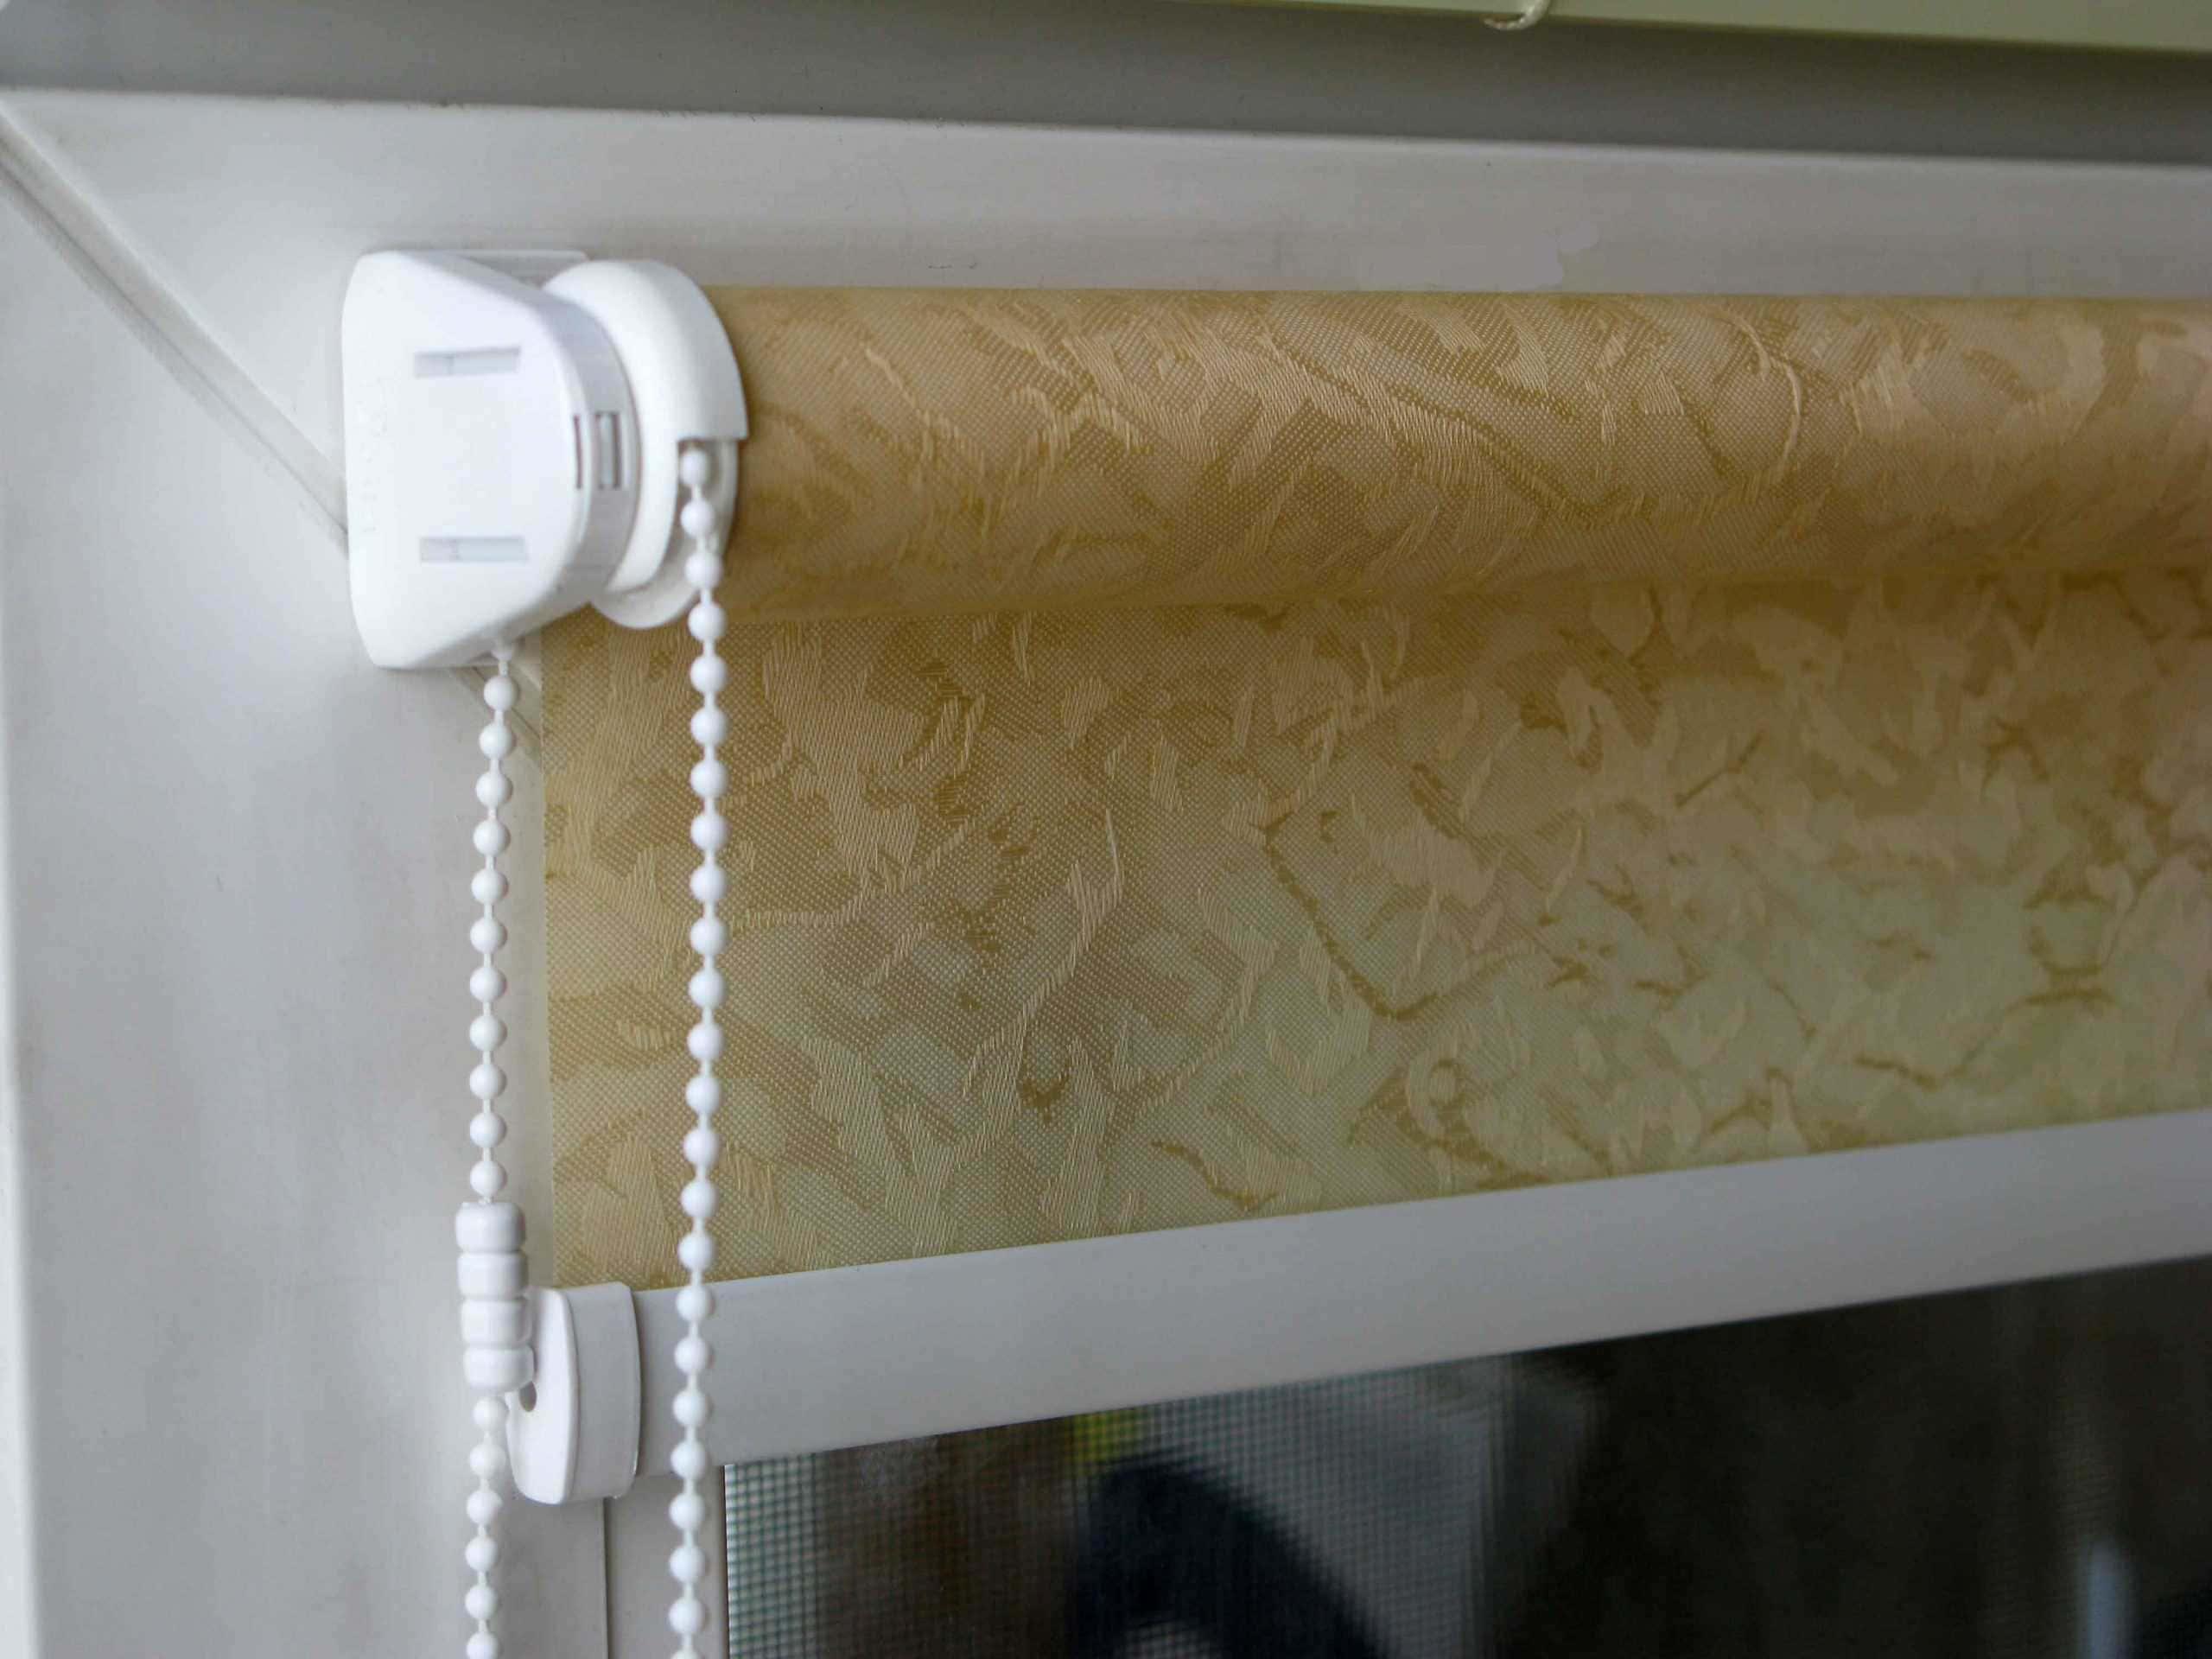 Рулонные шторы - плюсы и минусы установки, выбор материалов 081